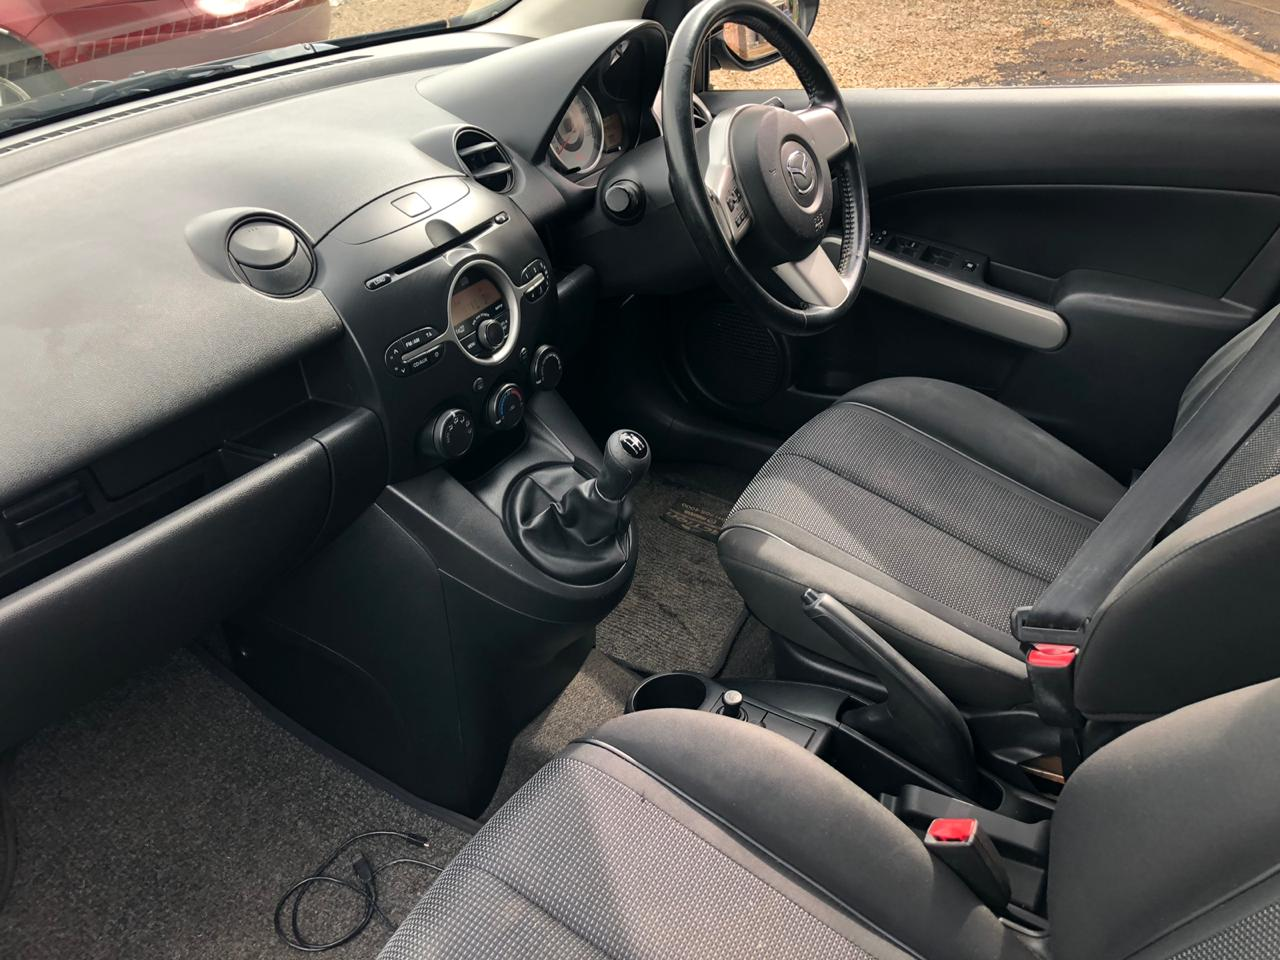 2009 Mazda 2 Mazda hatch 1.5 Dynamic